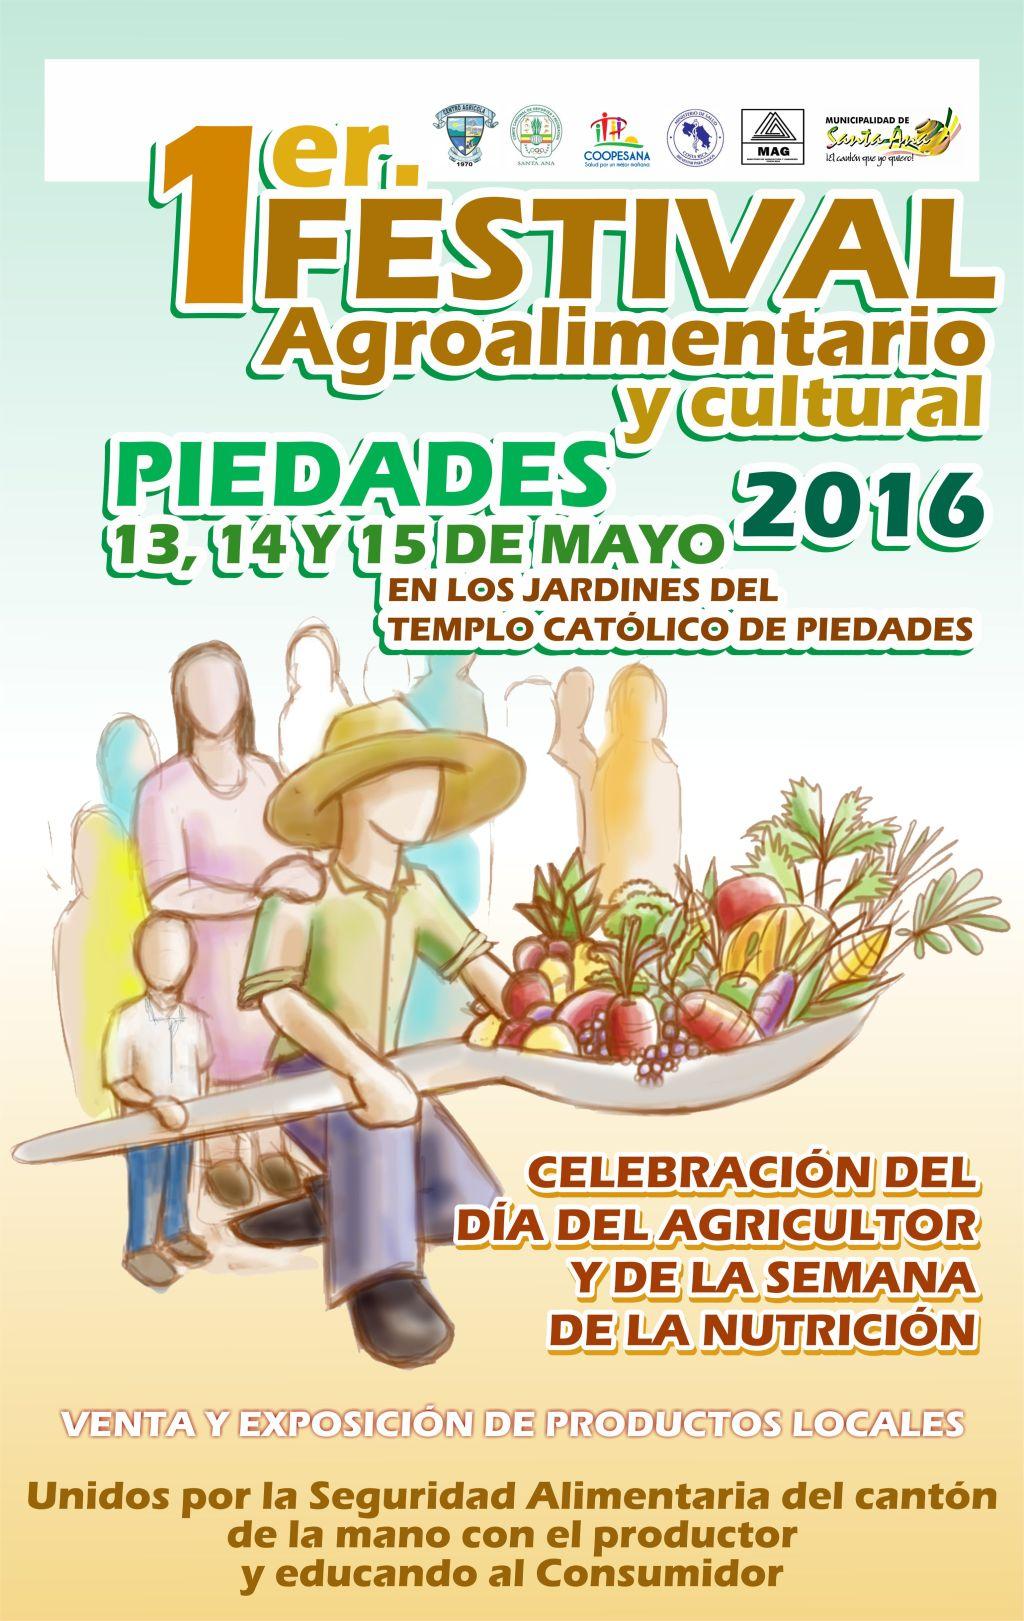 Festival Agroalimentario y Cultural 2016 (1)